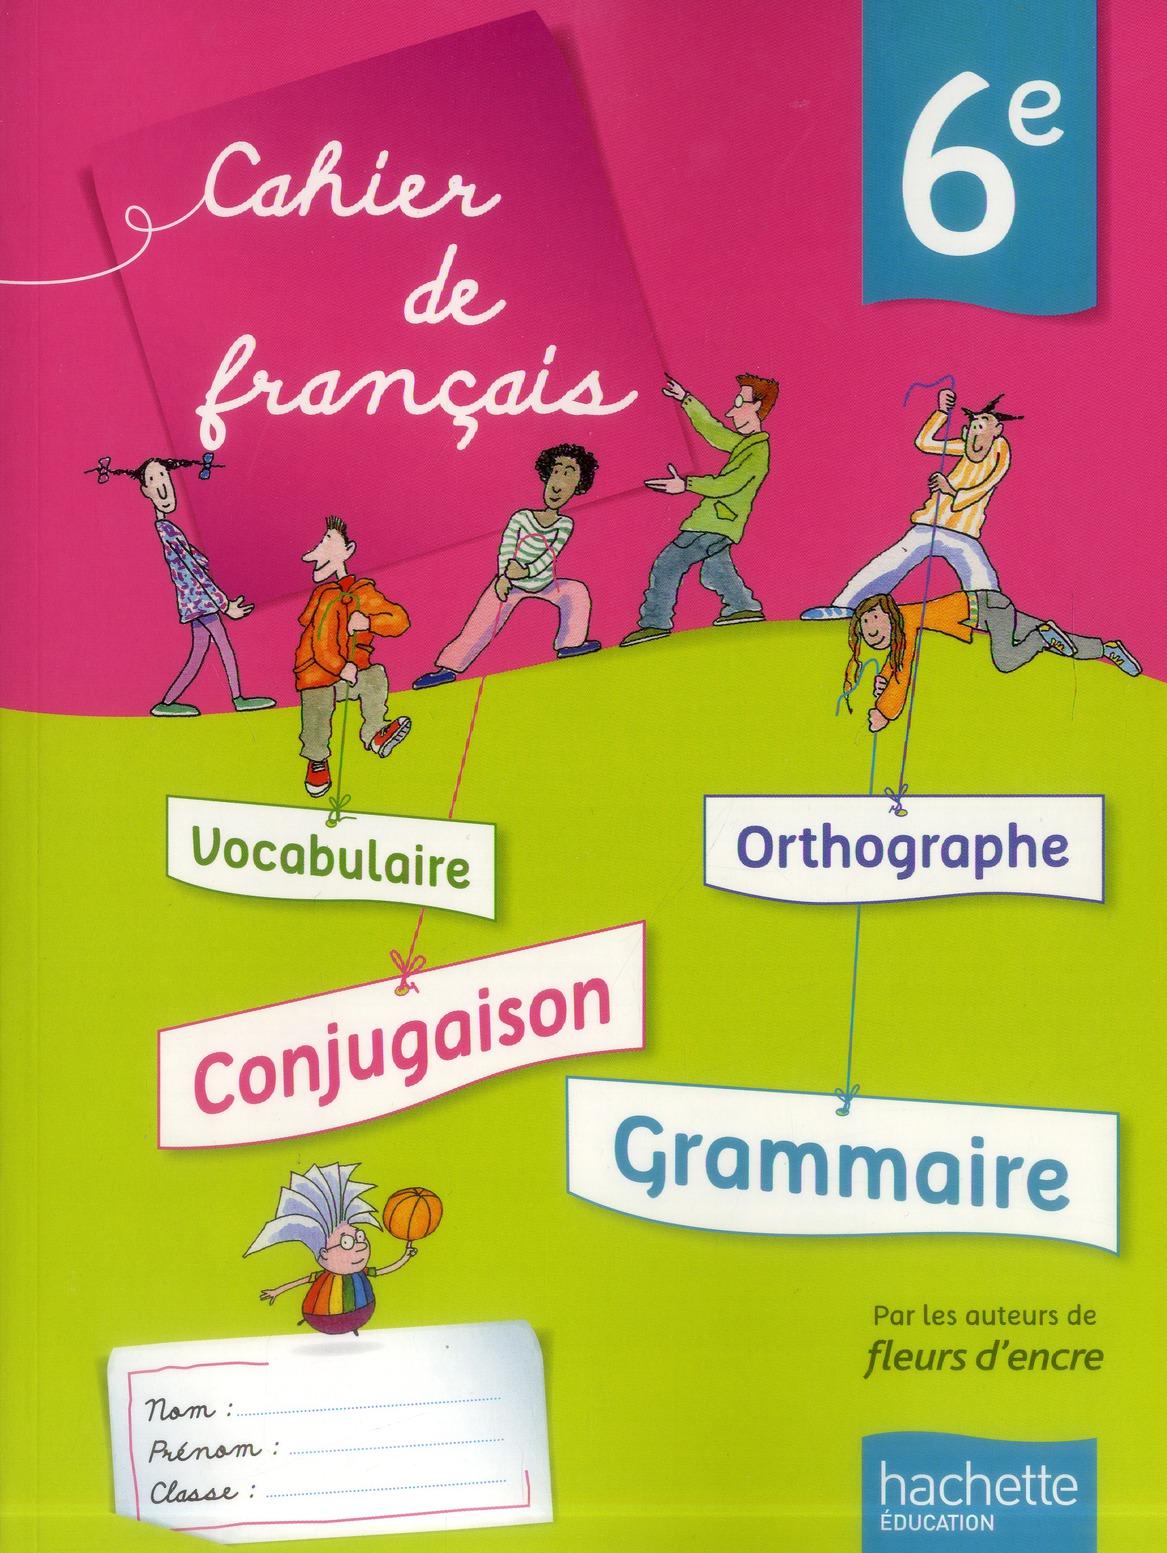 Francais 6eme Cahier De L Eleve C Bertagna F Carrier Hachette Education Grand Format Colbert Mont St Aignan